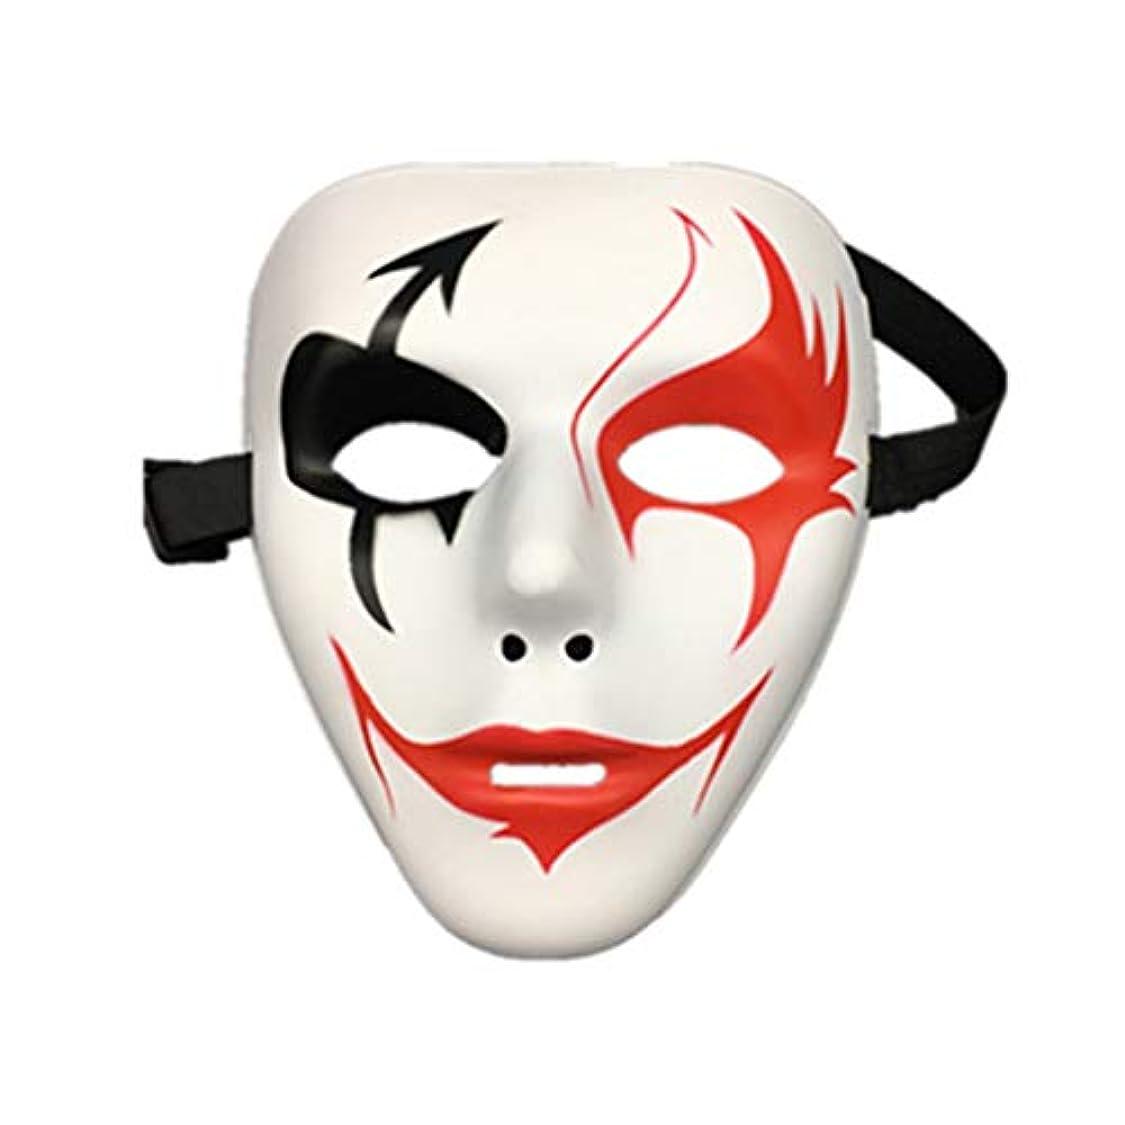 悔い改める城国民ハロウィンマスクフルフェイスストリートダンス振動マスク仮装変なマスクダンスマスク